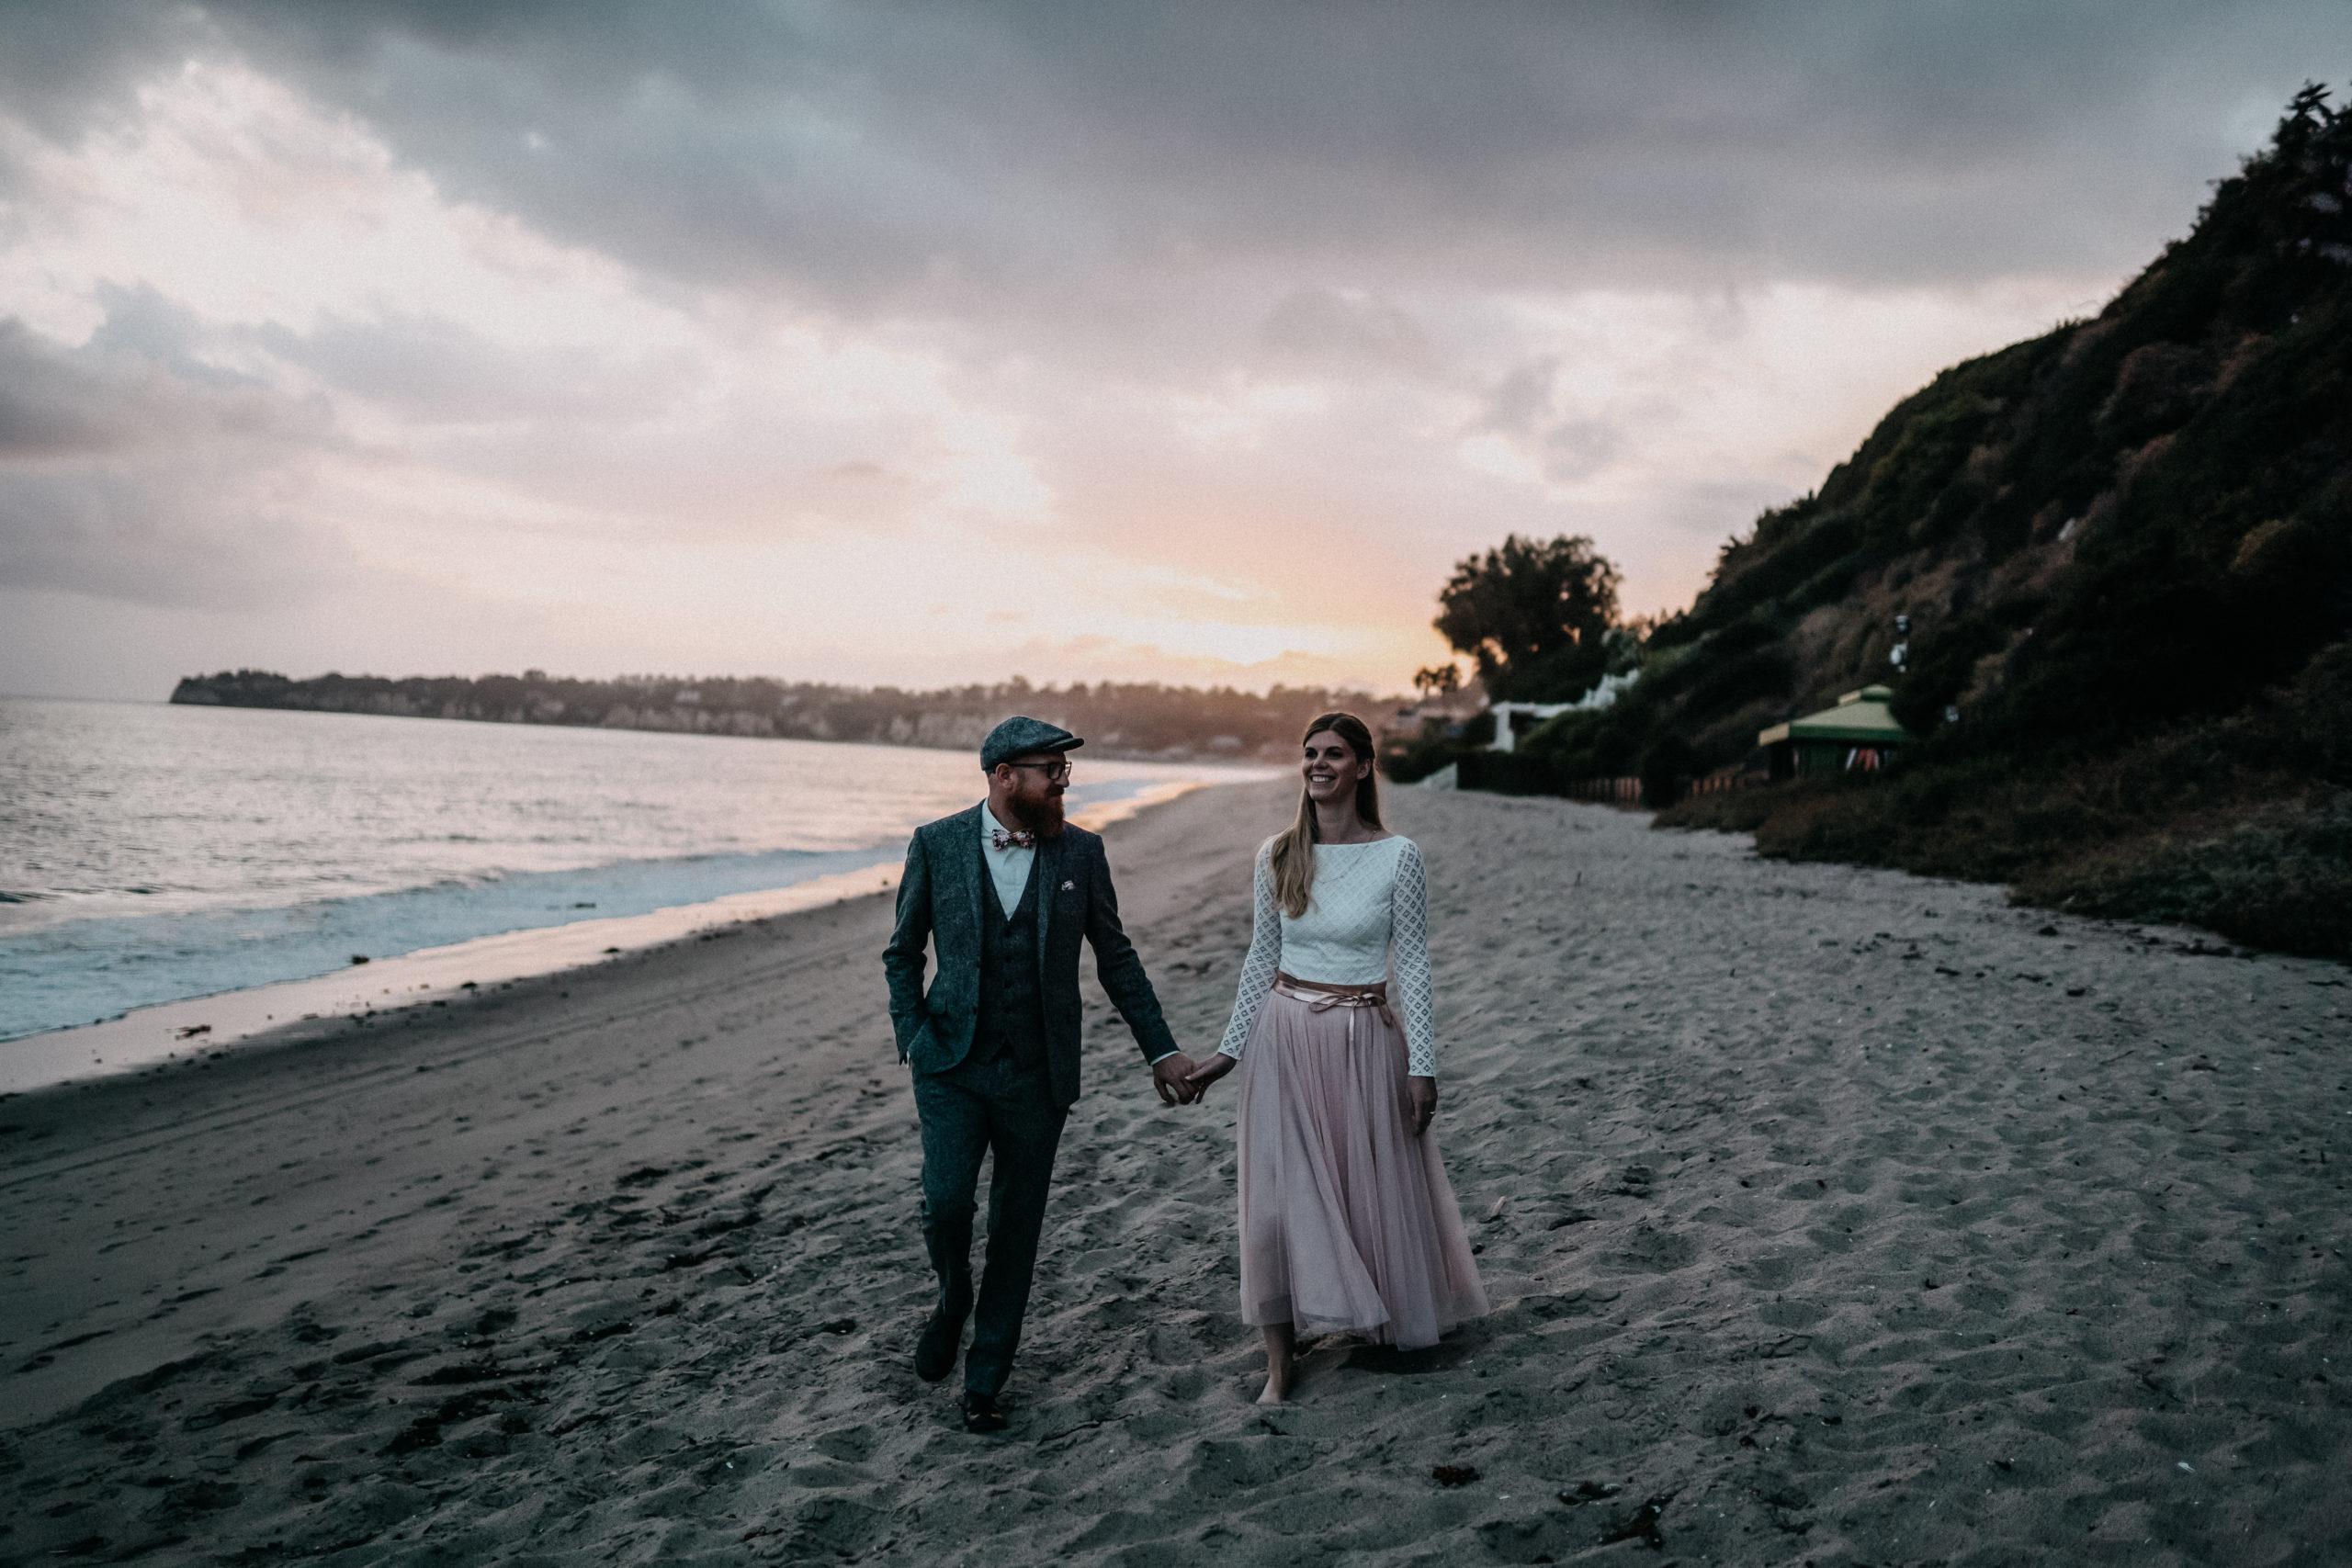 Brautpaar händchenhaltend am Strand bei Sonnenuntergang, lachend. Braut mit zweiteiiligem Kleid mit Midi-Tüllrock in Rosa und langärmeligem Body in Ivory mit geometrischem Muster, Bräutigam im Boho Anzug